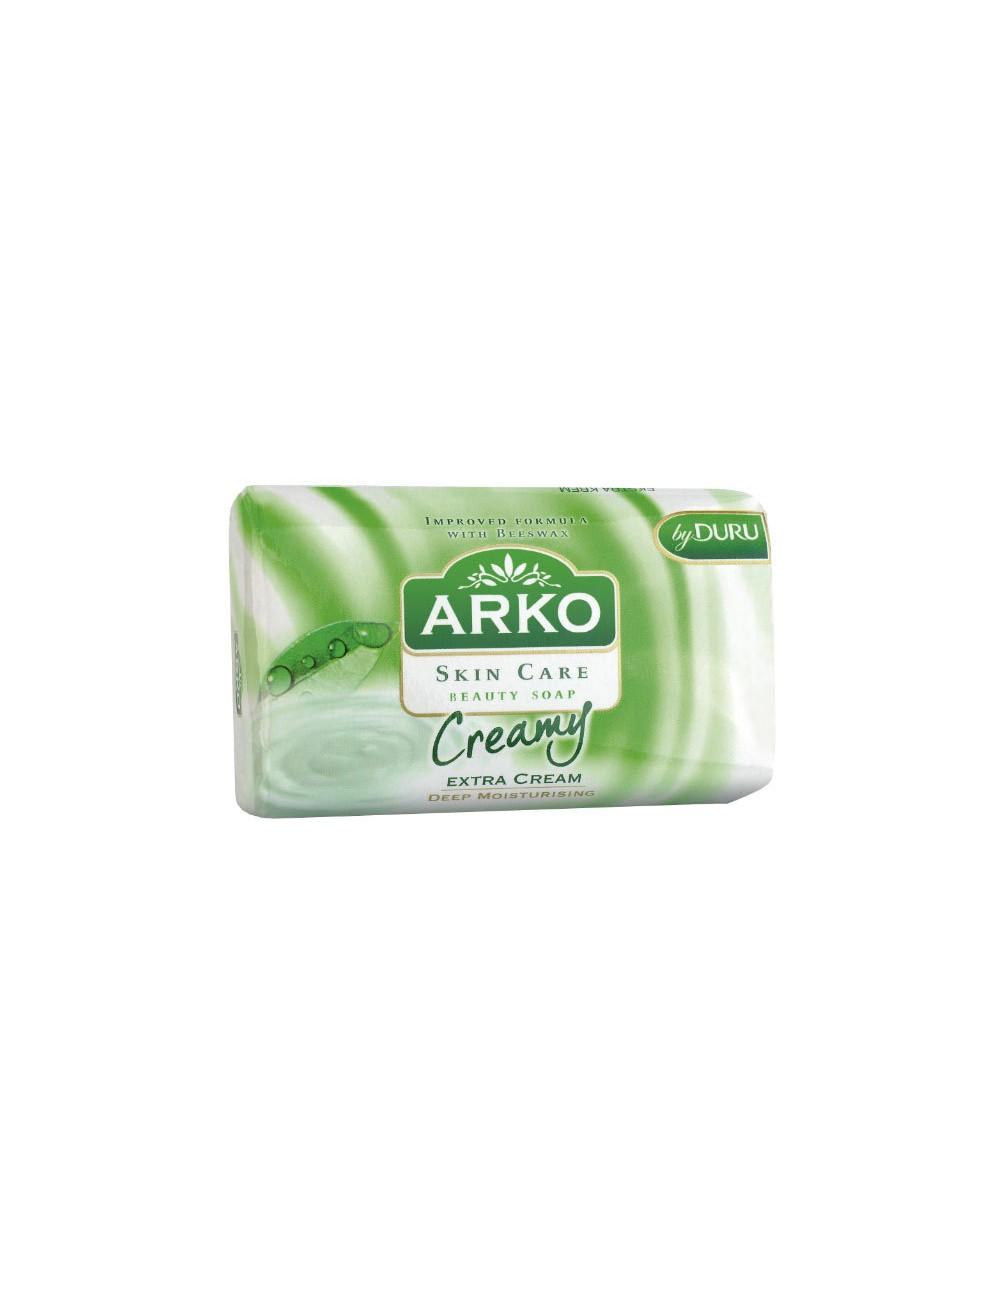 Arko Kremowe 90g – mydło z kremem nawilżającym, pozostawia skórę gładką i dobrze nawilżoną